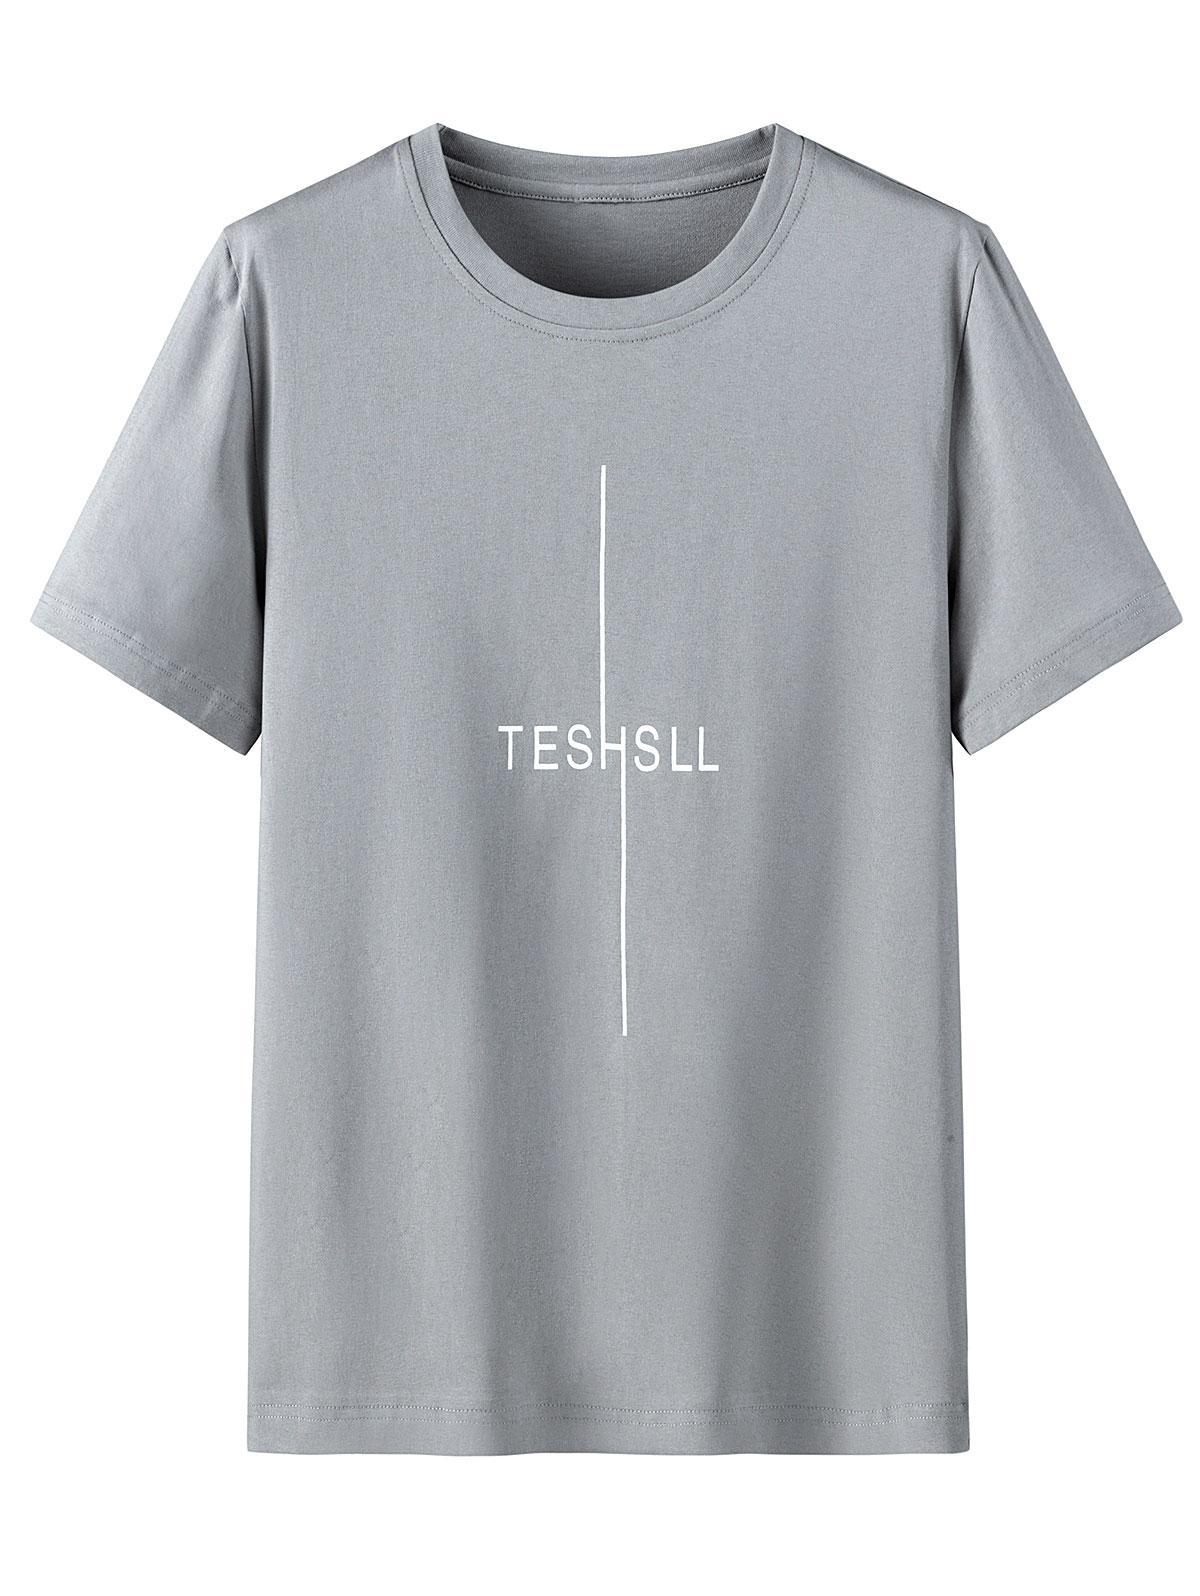 T-shirt Lettre Graphique Imprimé à Col Rond - ZAFUL - Modalova